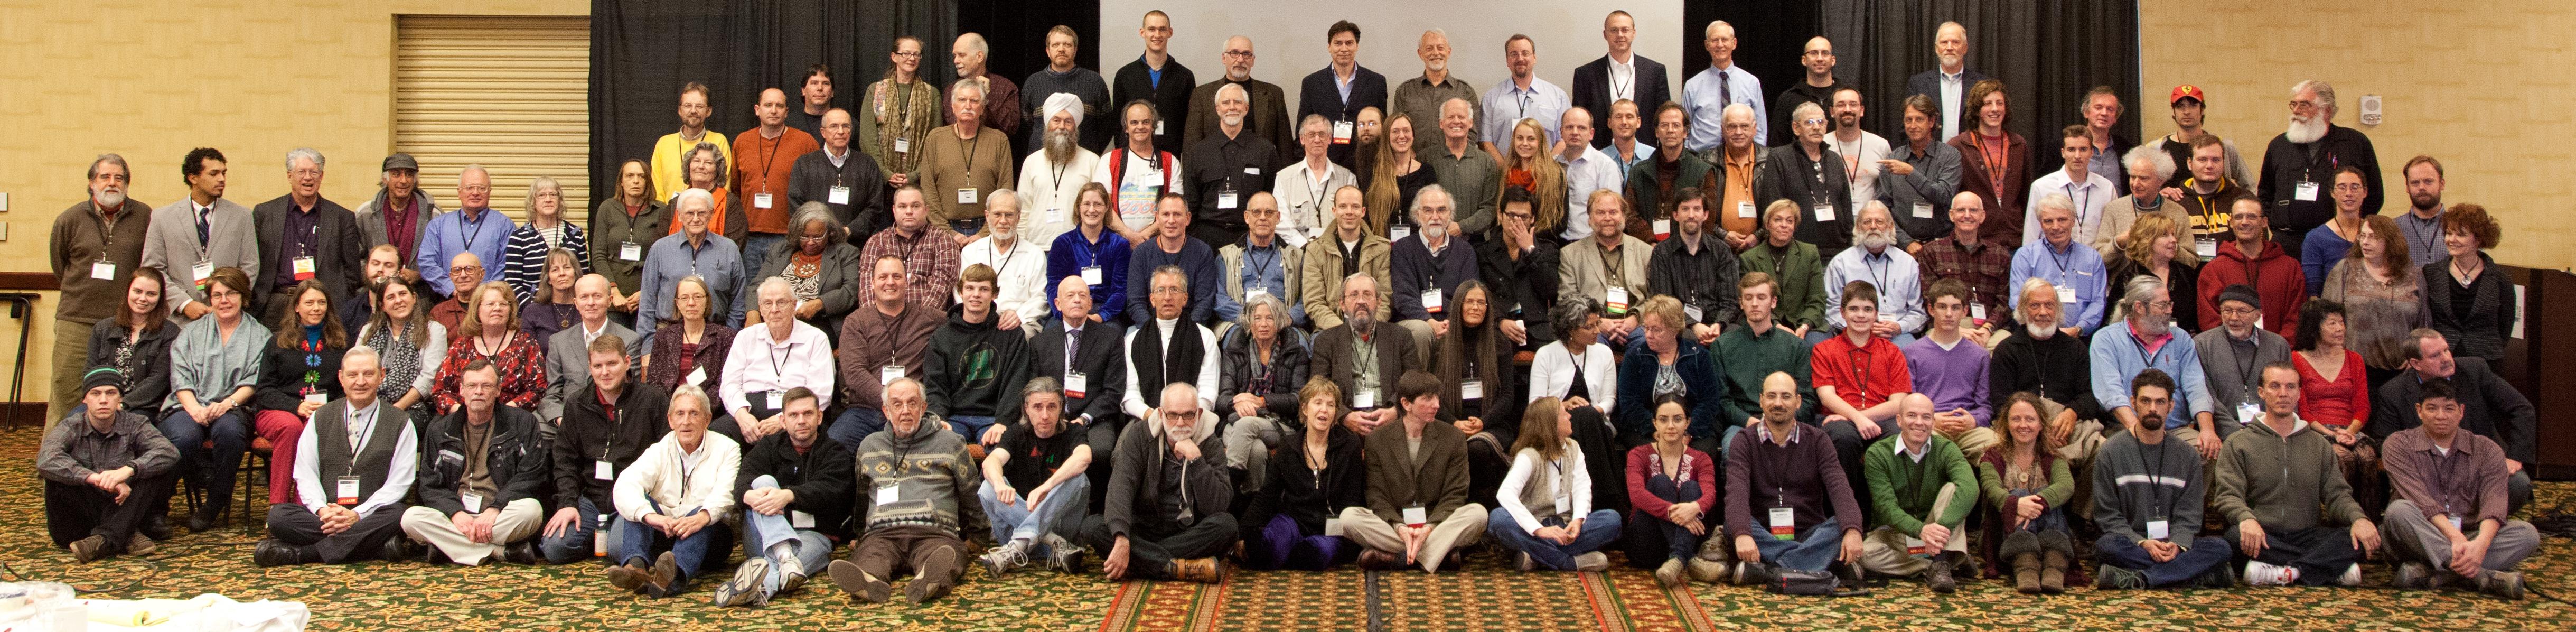 EU2013 Attendees